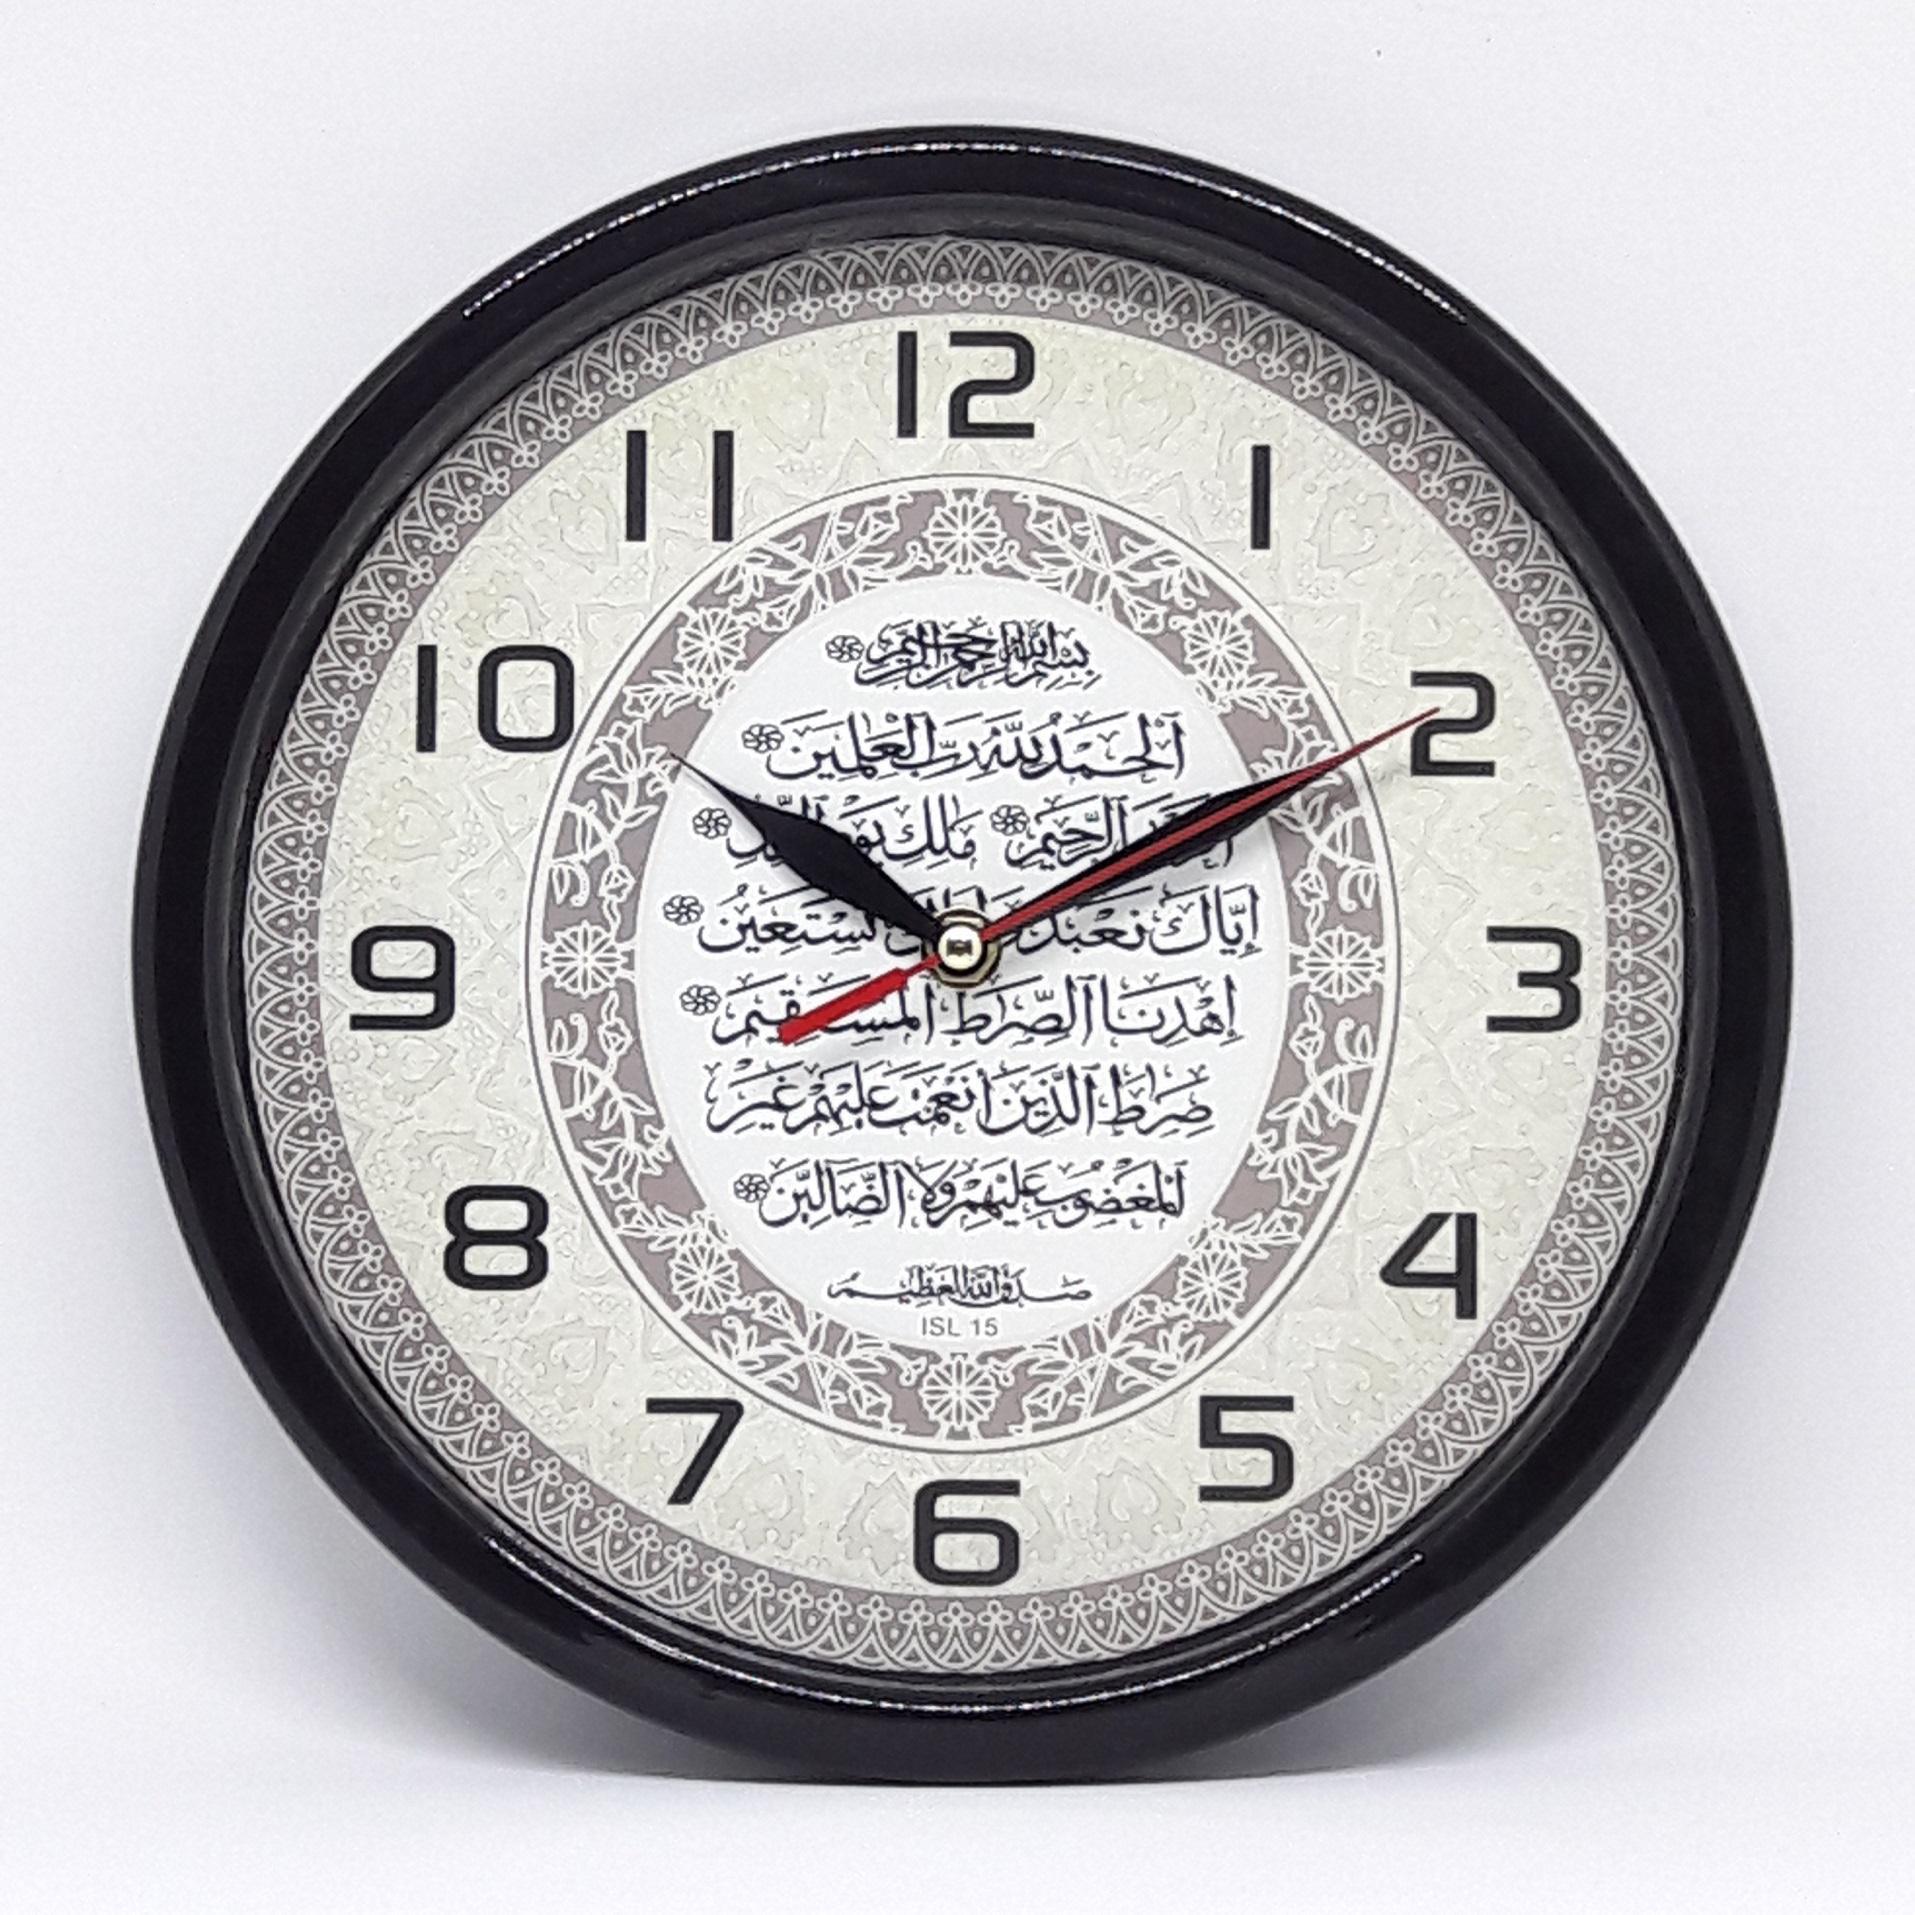 Jam Dinding Standart - Nuansa Islami (Al - Fatihah) 8119515323